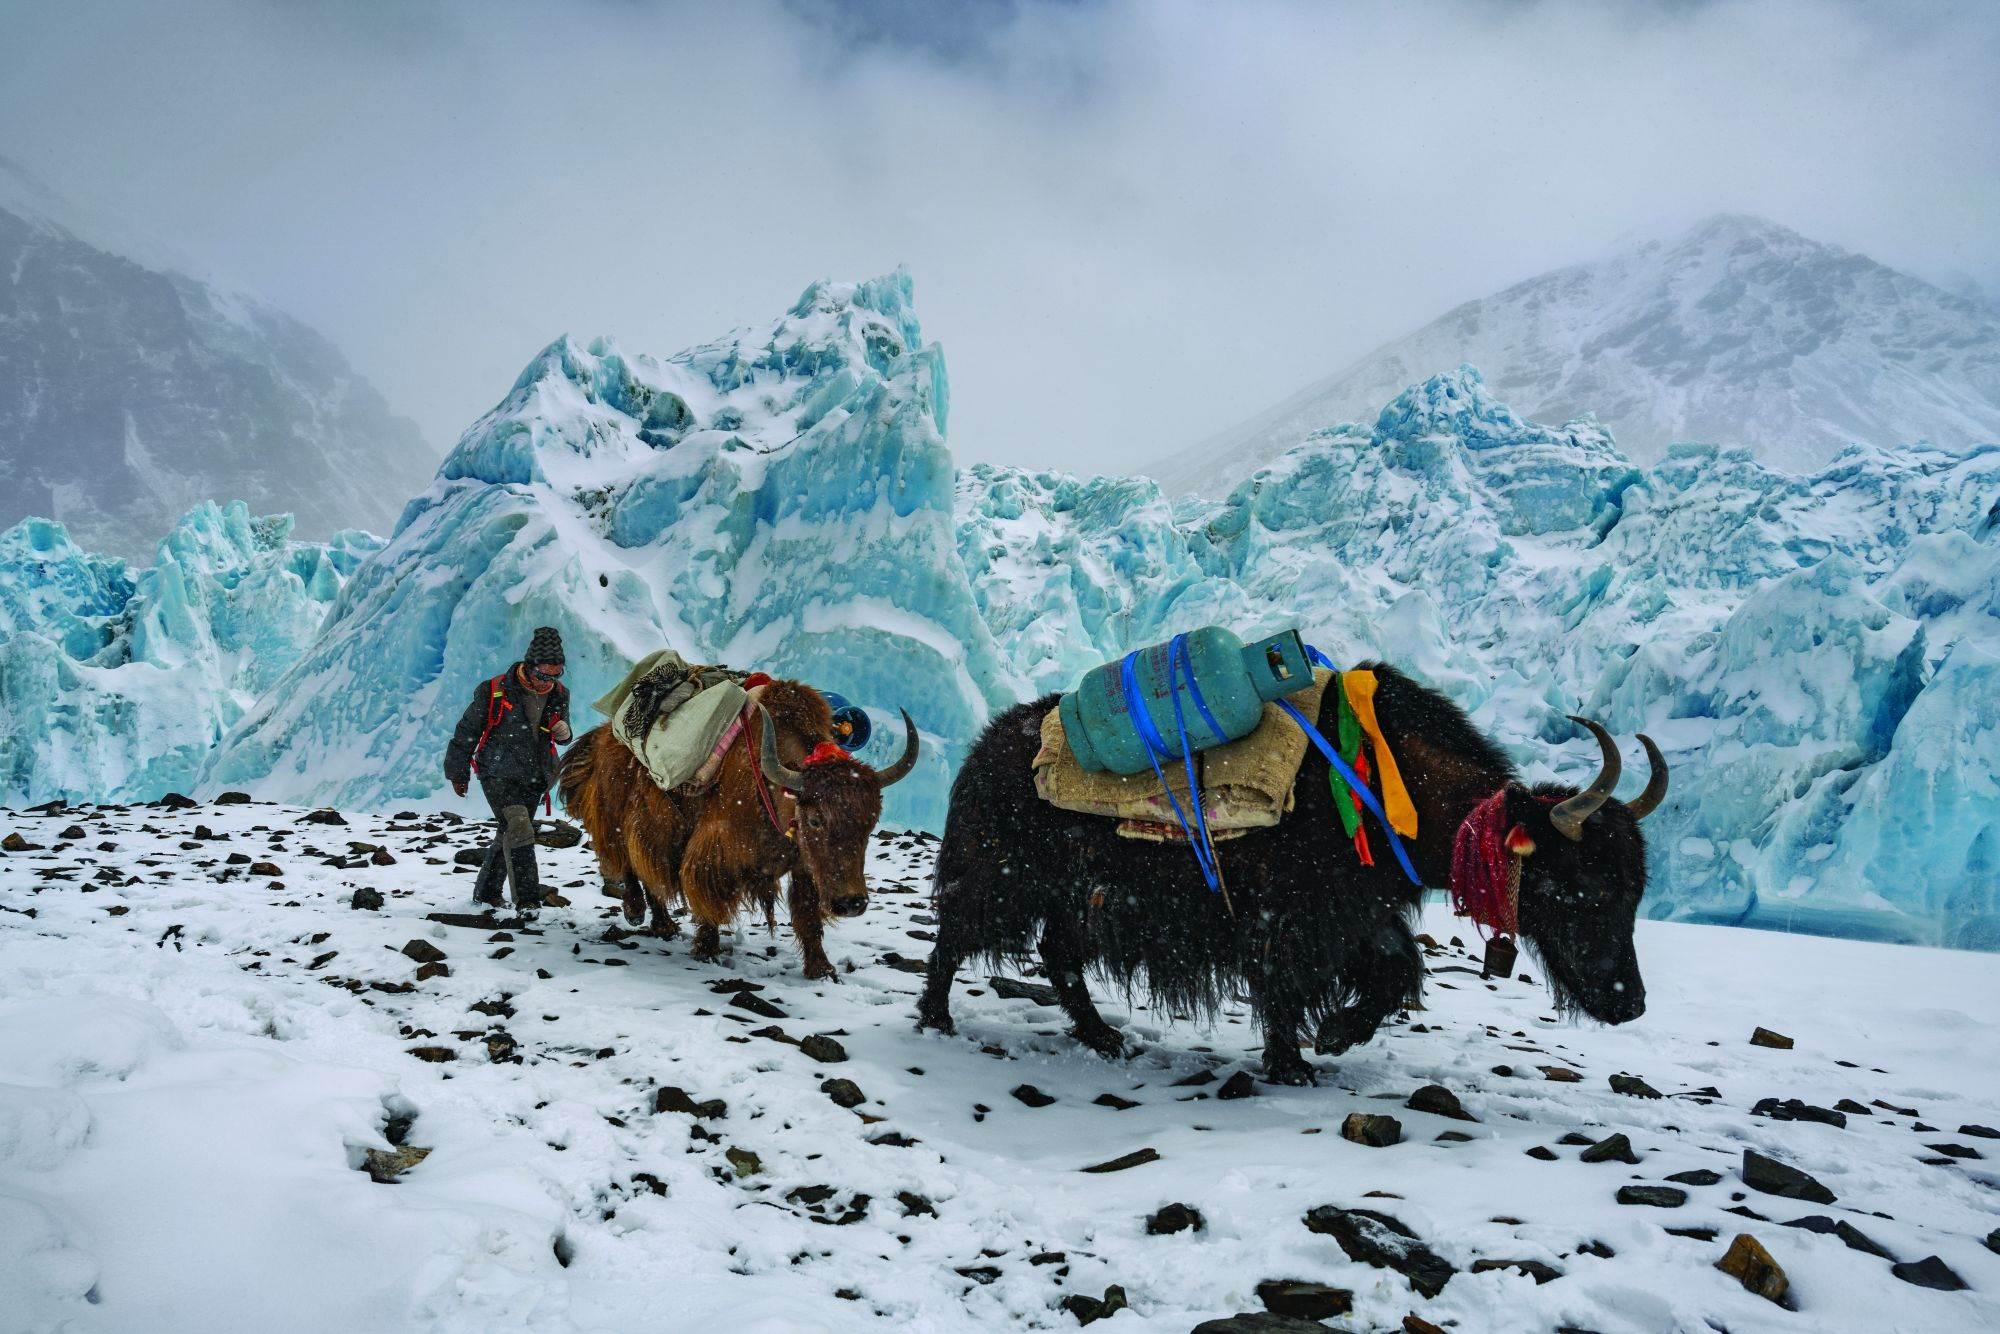 Uz kloparanje zvona koja nose oko vrata, jakovi tegle propan i druge zalihe čitavim putem od isturenog baznog kampa na 6.400 metara. Na nepalskoj strani Everesta oni ne idu tako visoko, već Šerpasi nose zalihe sve do ledenog odrona Kumbu.